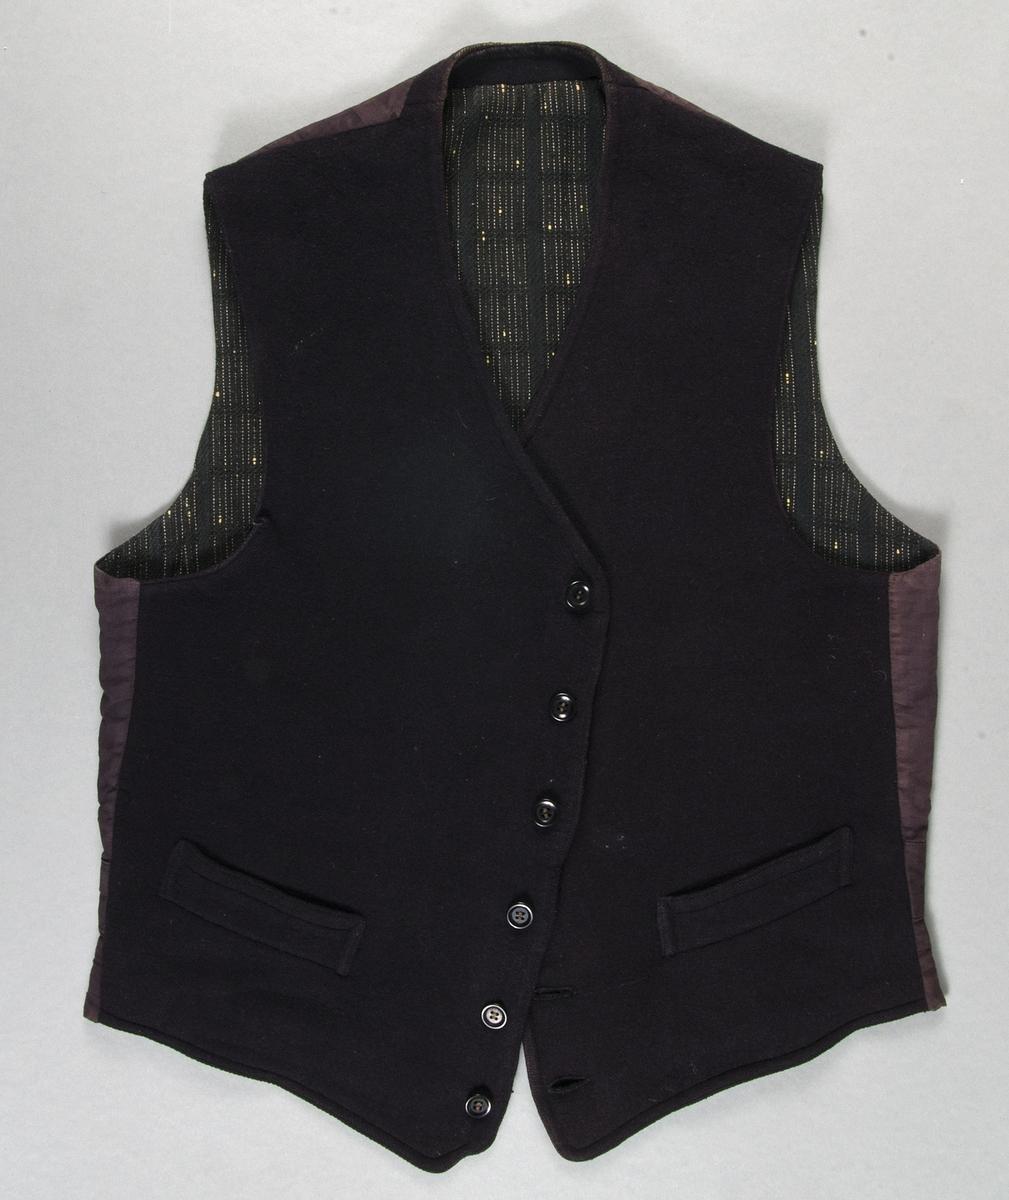 Väst av svart vadmal. Sex knappar. Två fickor. Spänntamp i ryggen. Bakstycke av svart bomullslärft. Foder av mönstervävt ylletyg i svart och vitt.